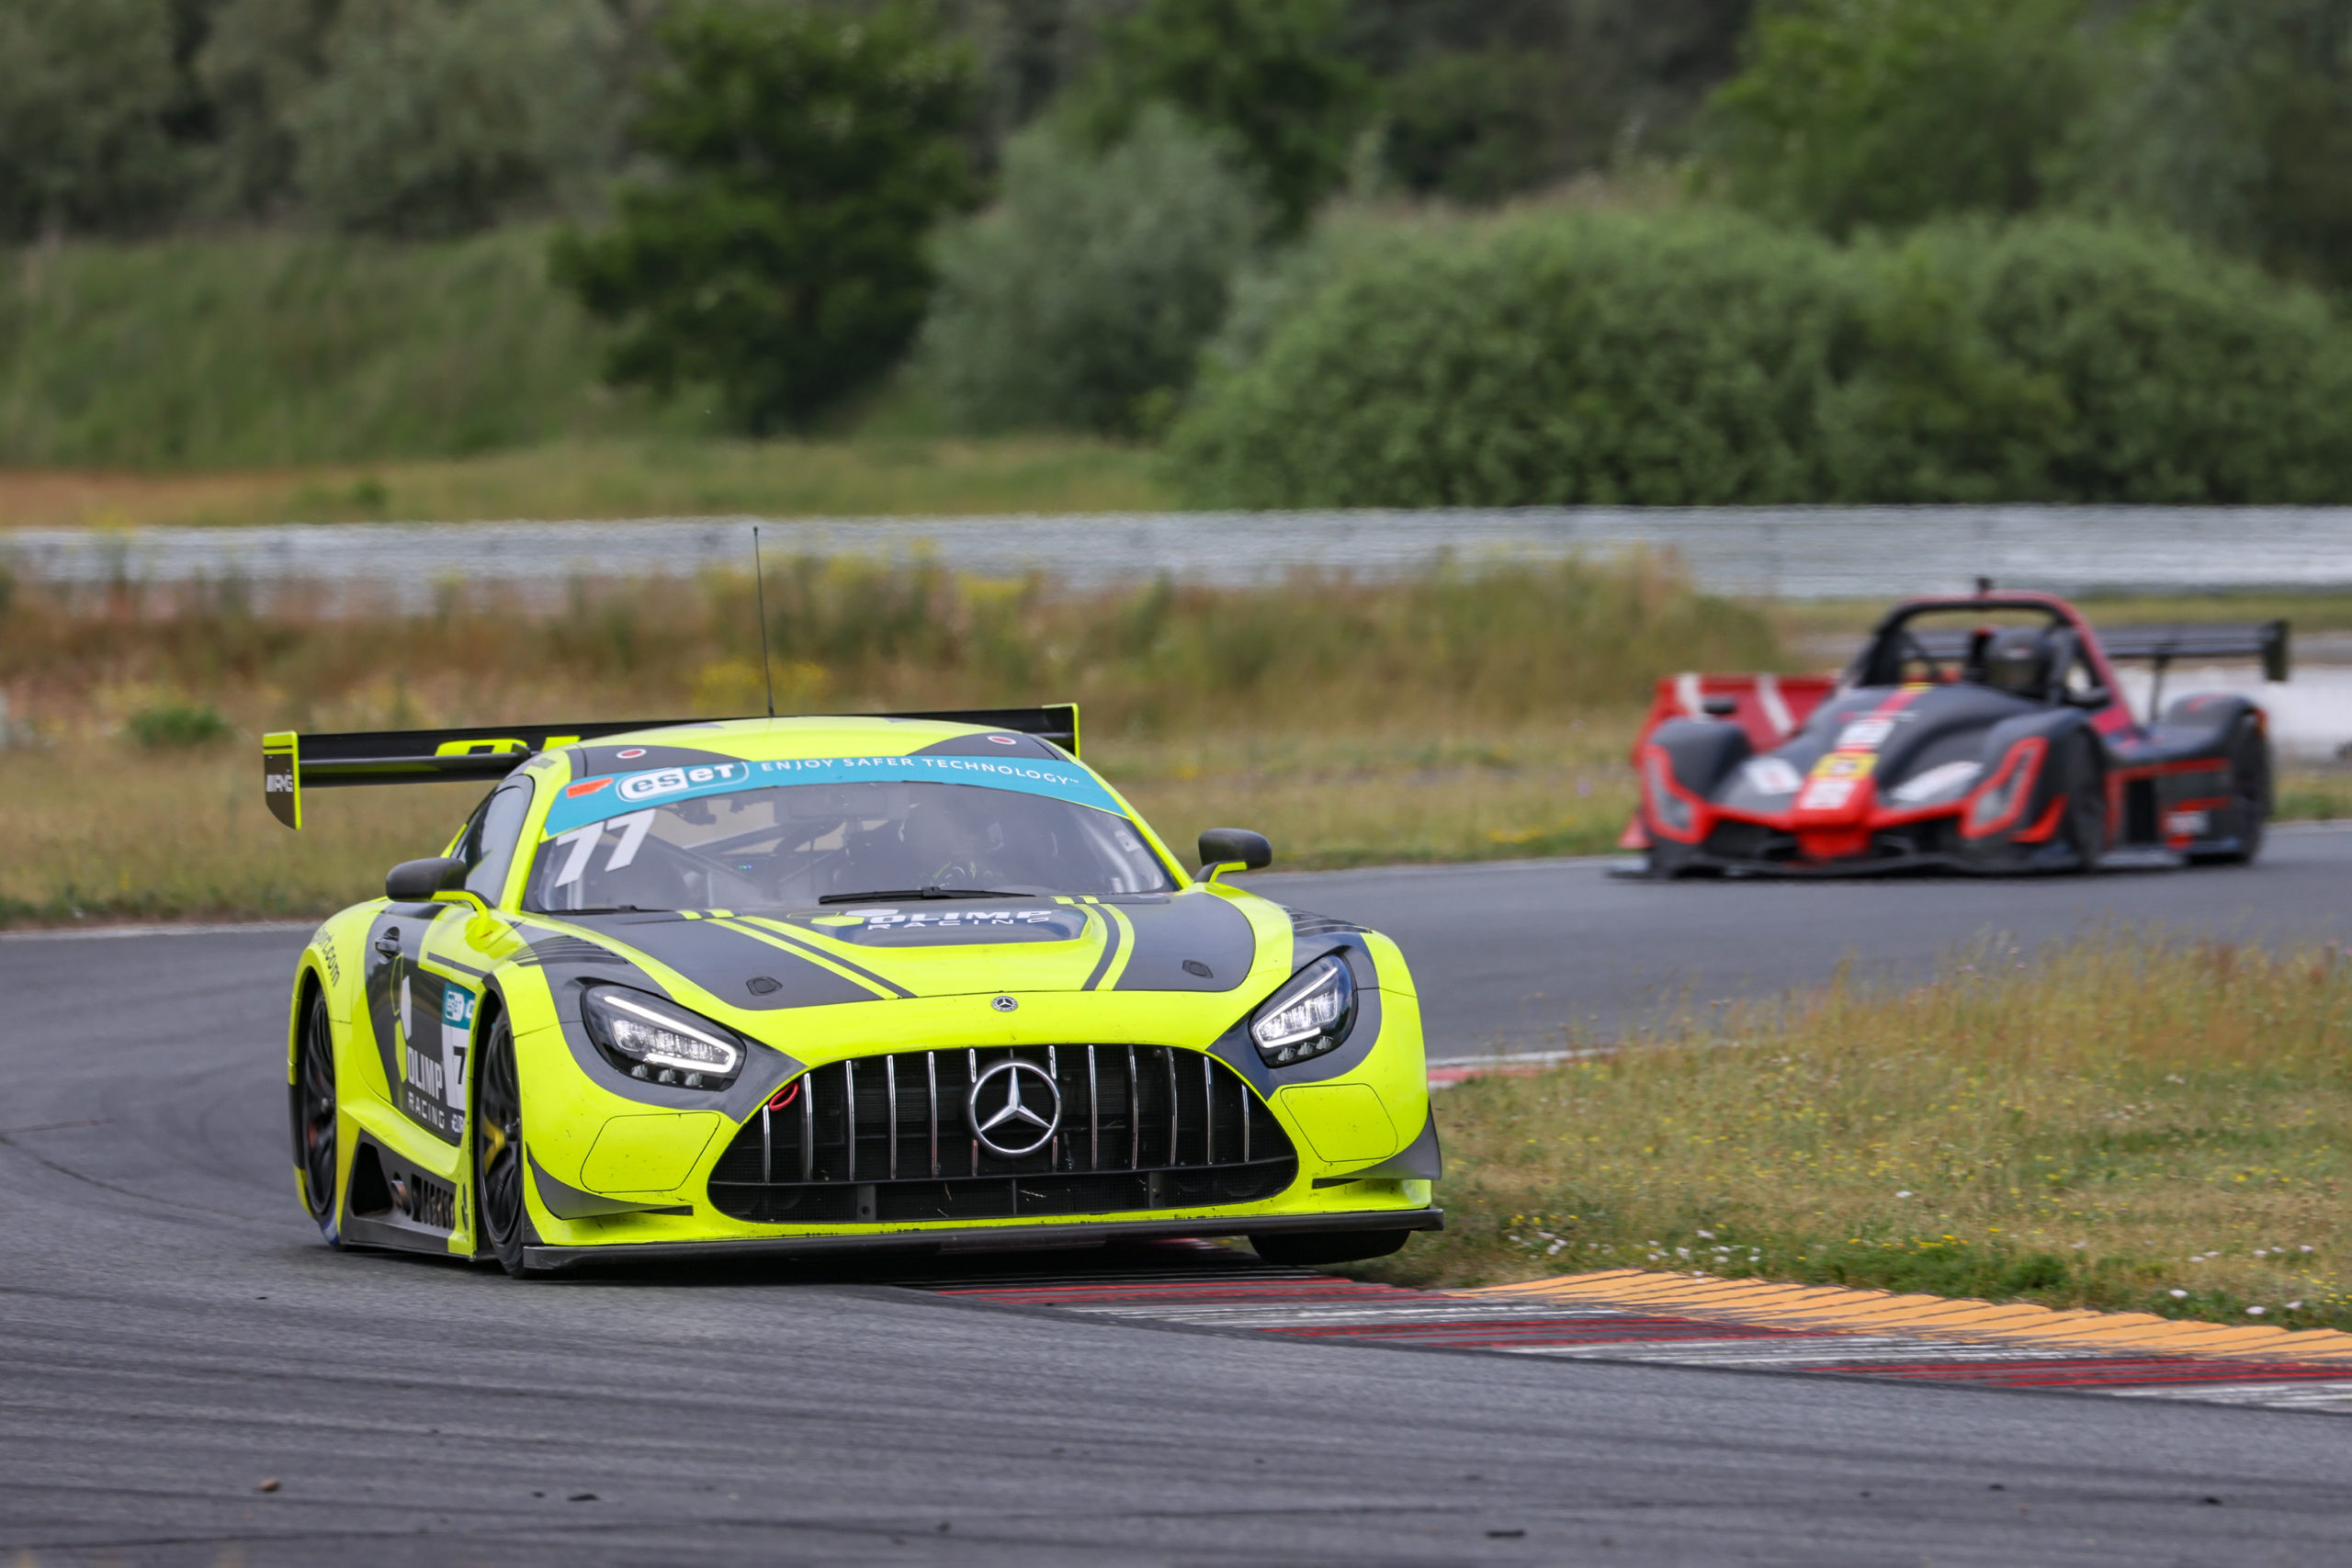 Jedlinski navýšil svůj náskok v GT3 vytrvalosti